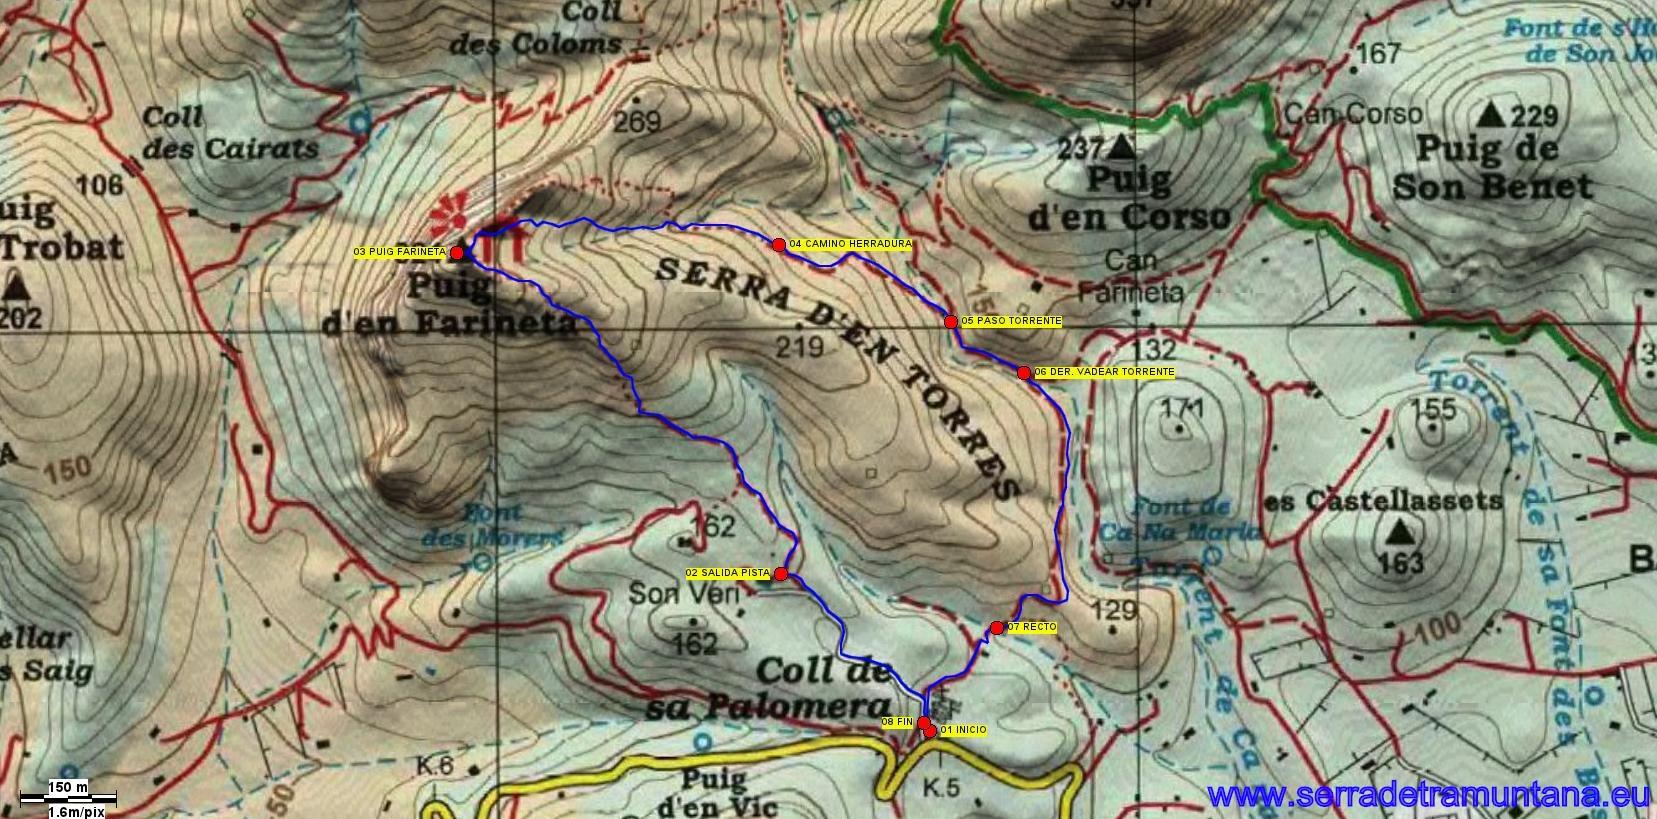 Recorte del mapa de Alpina con el trazado de la ruta